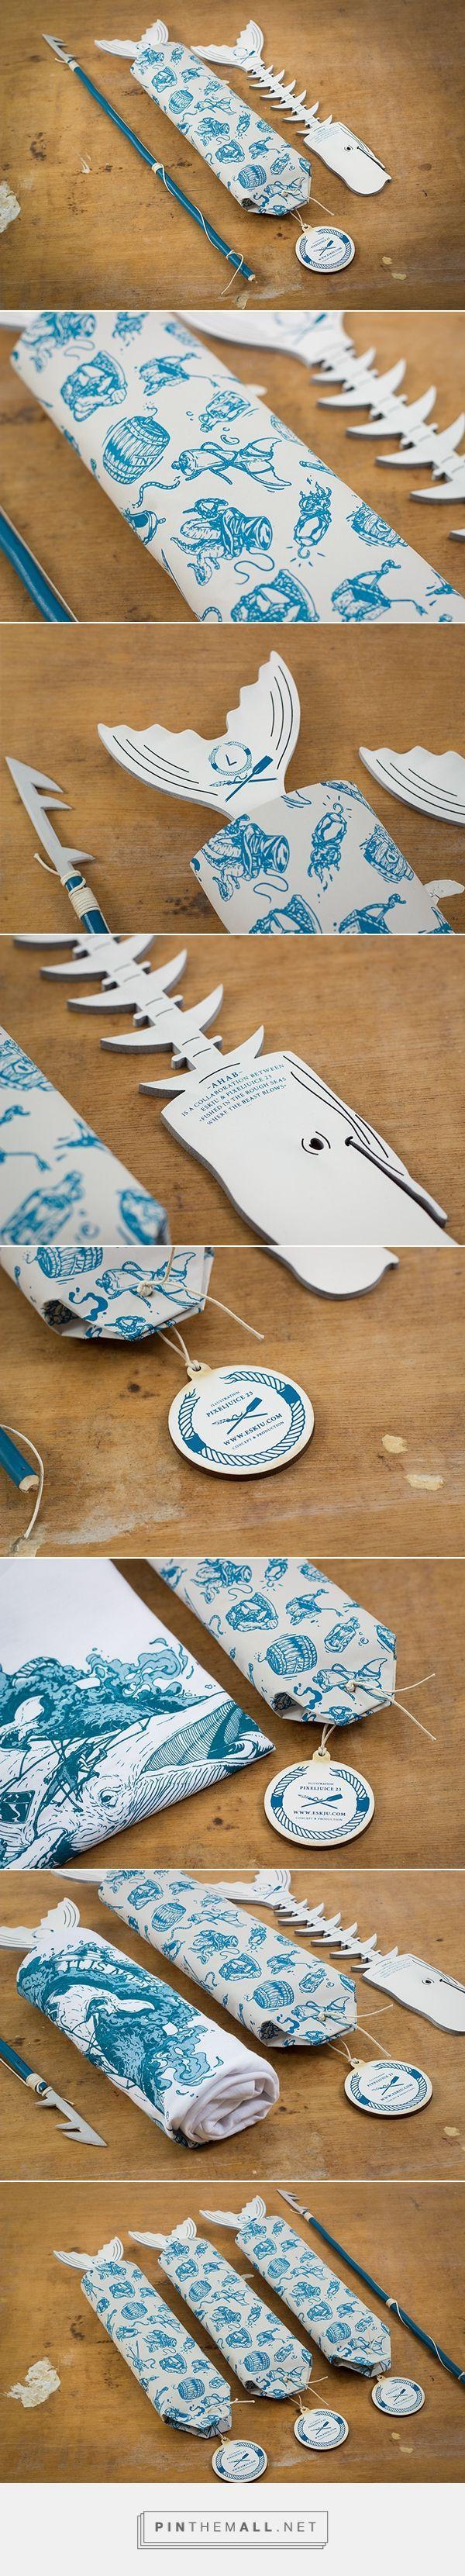 #Packaging. Entre en el fantástico mundo de http://elcafeatomico.com para descubrir muchas más cosas!